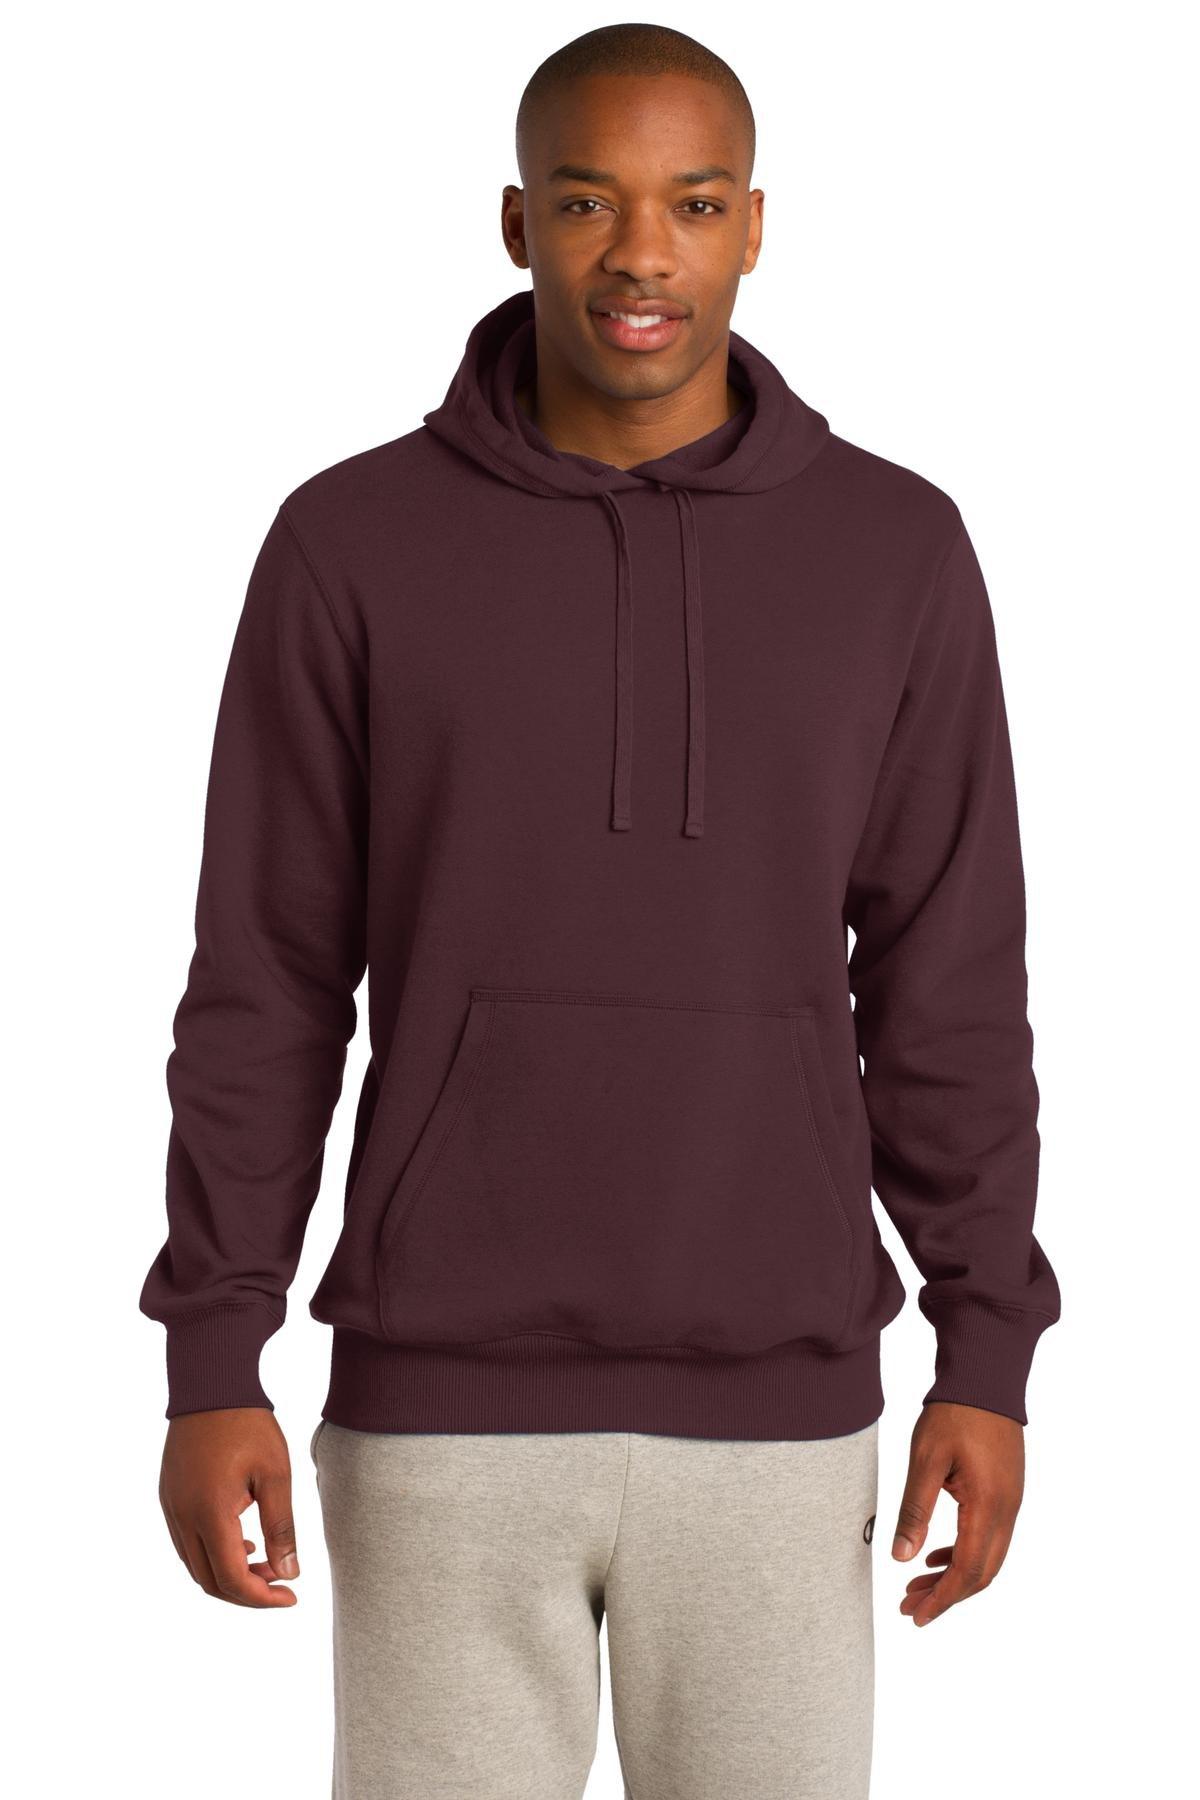 Sport-Tek Men's Pullover Hooded Sweatshirt XL Maroon by Sport-Tek